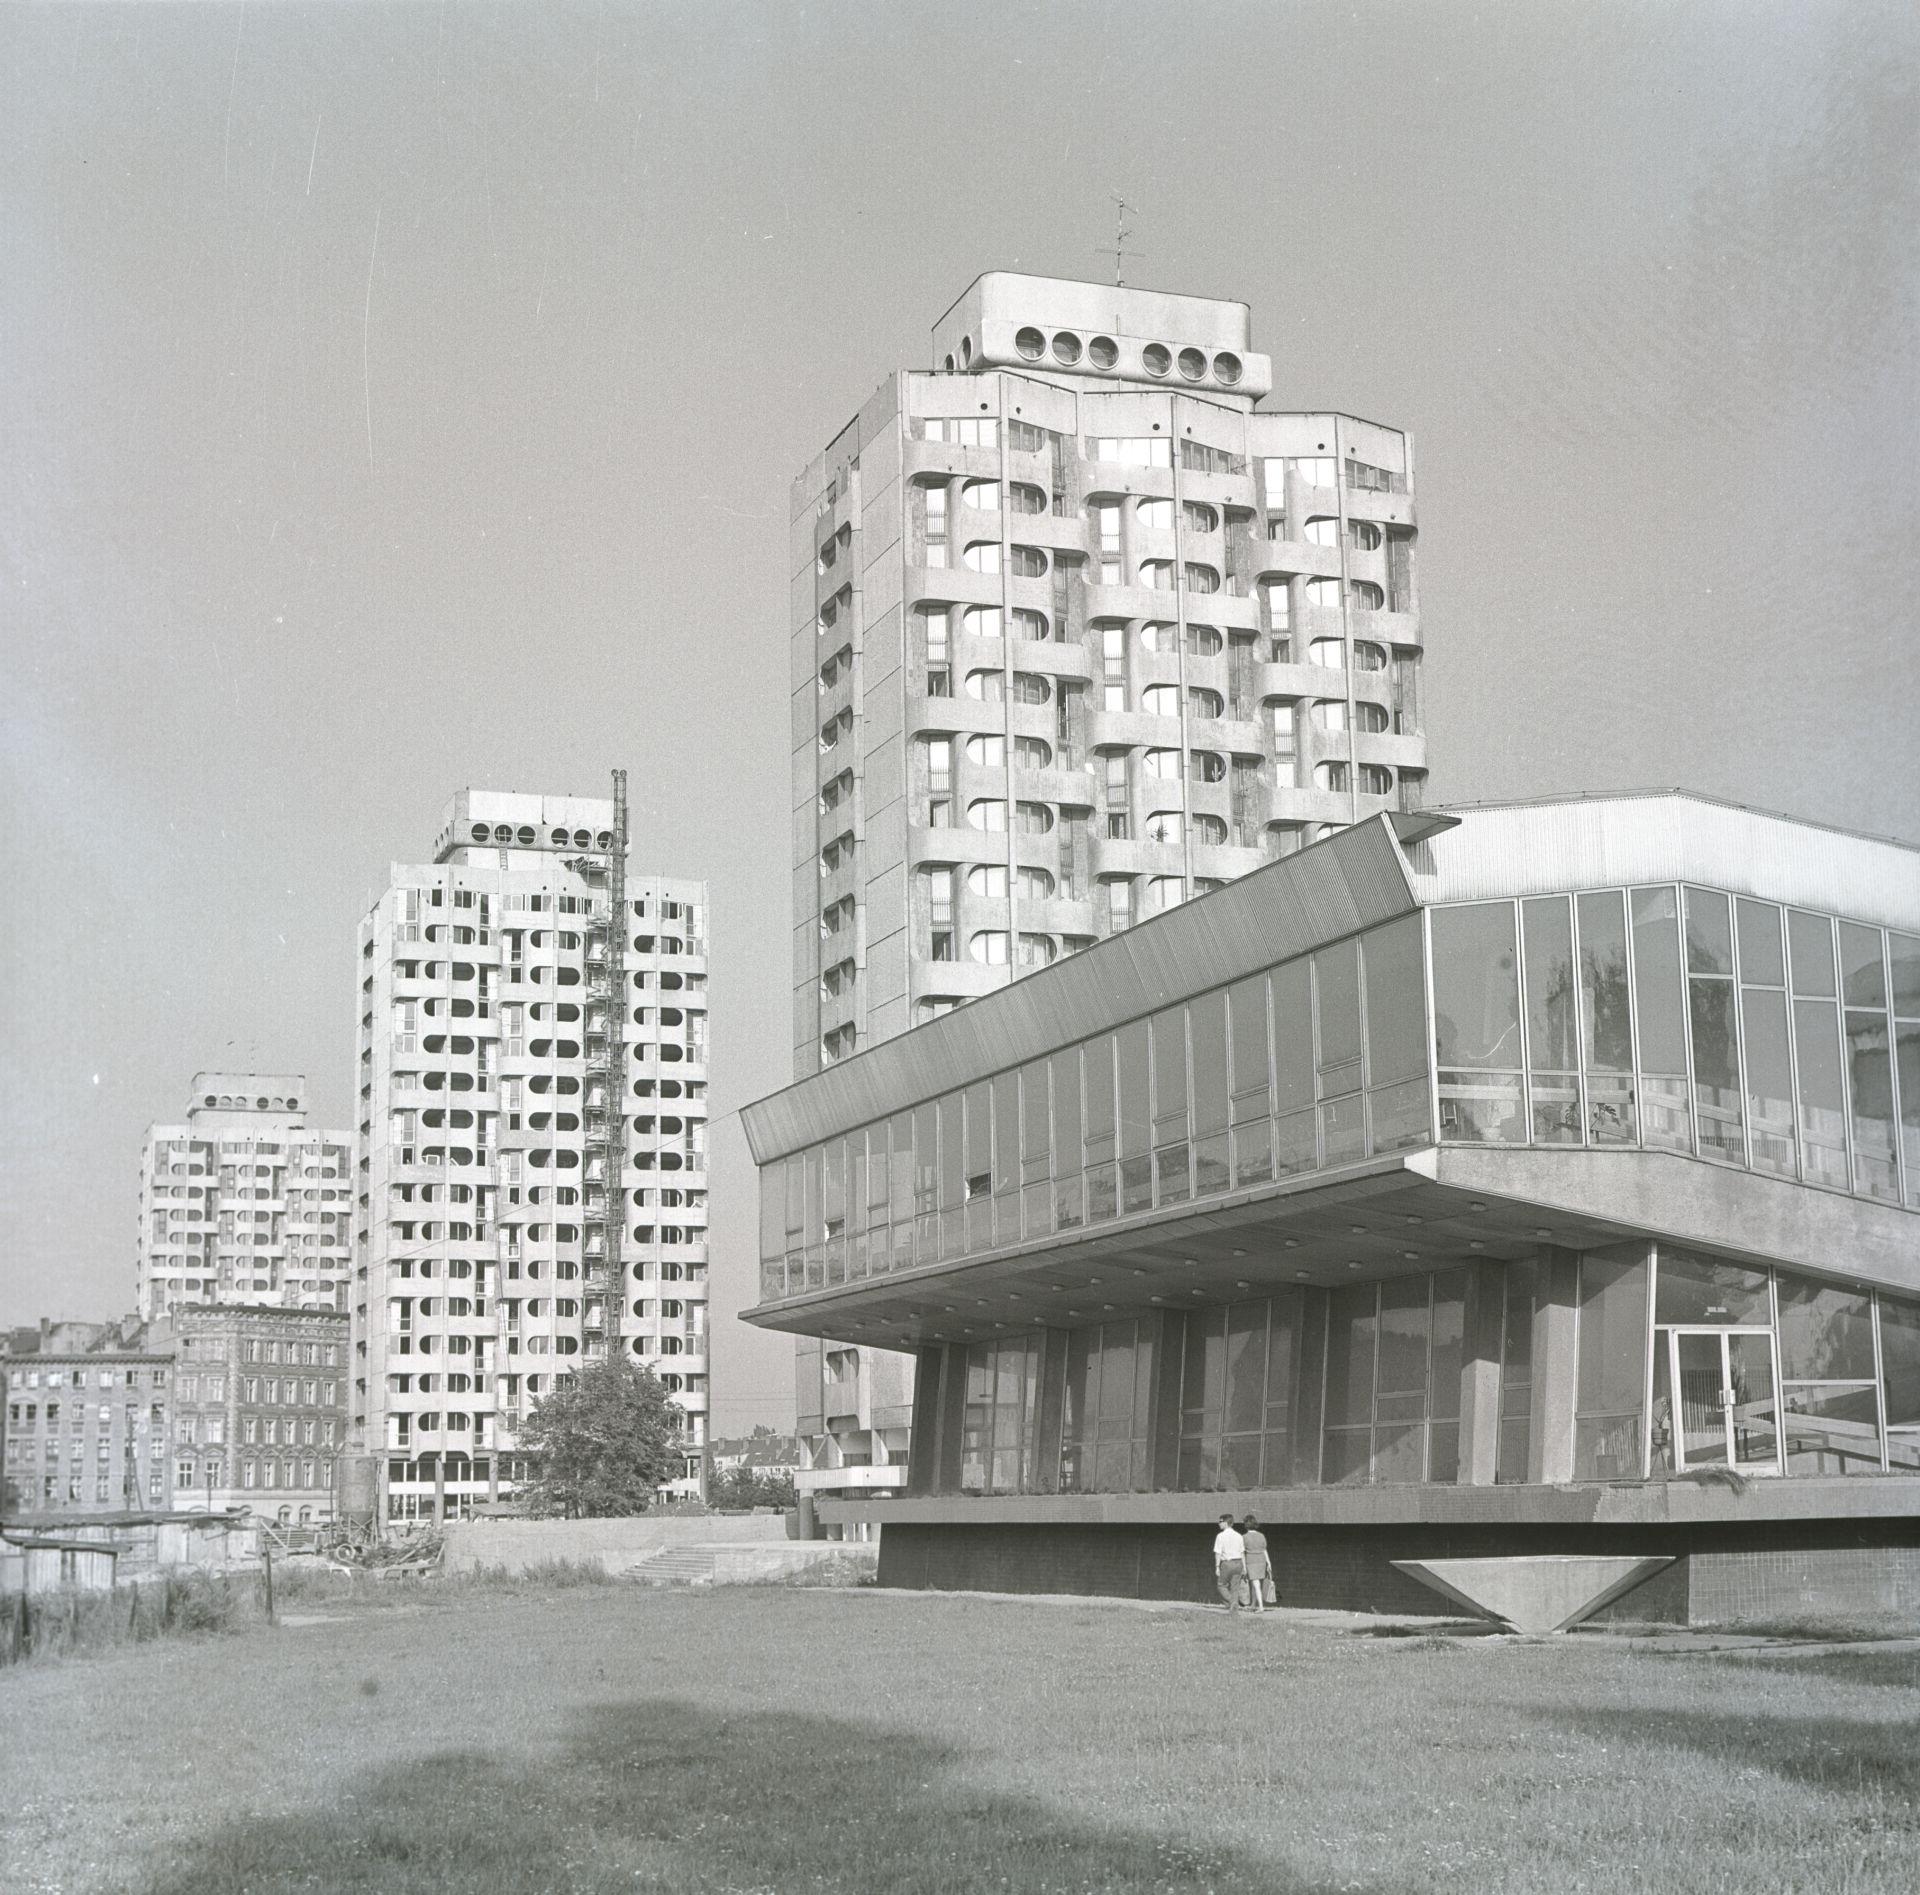 Zespół mieszkalno-usługowy przy placu Grunwaldzkim, 1969–1975,fot. Zbigniew Nowak, 1974, zbiory: Ośrodek Pamięć i Przyszłość (źródło: materiały prasowe organizatora)